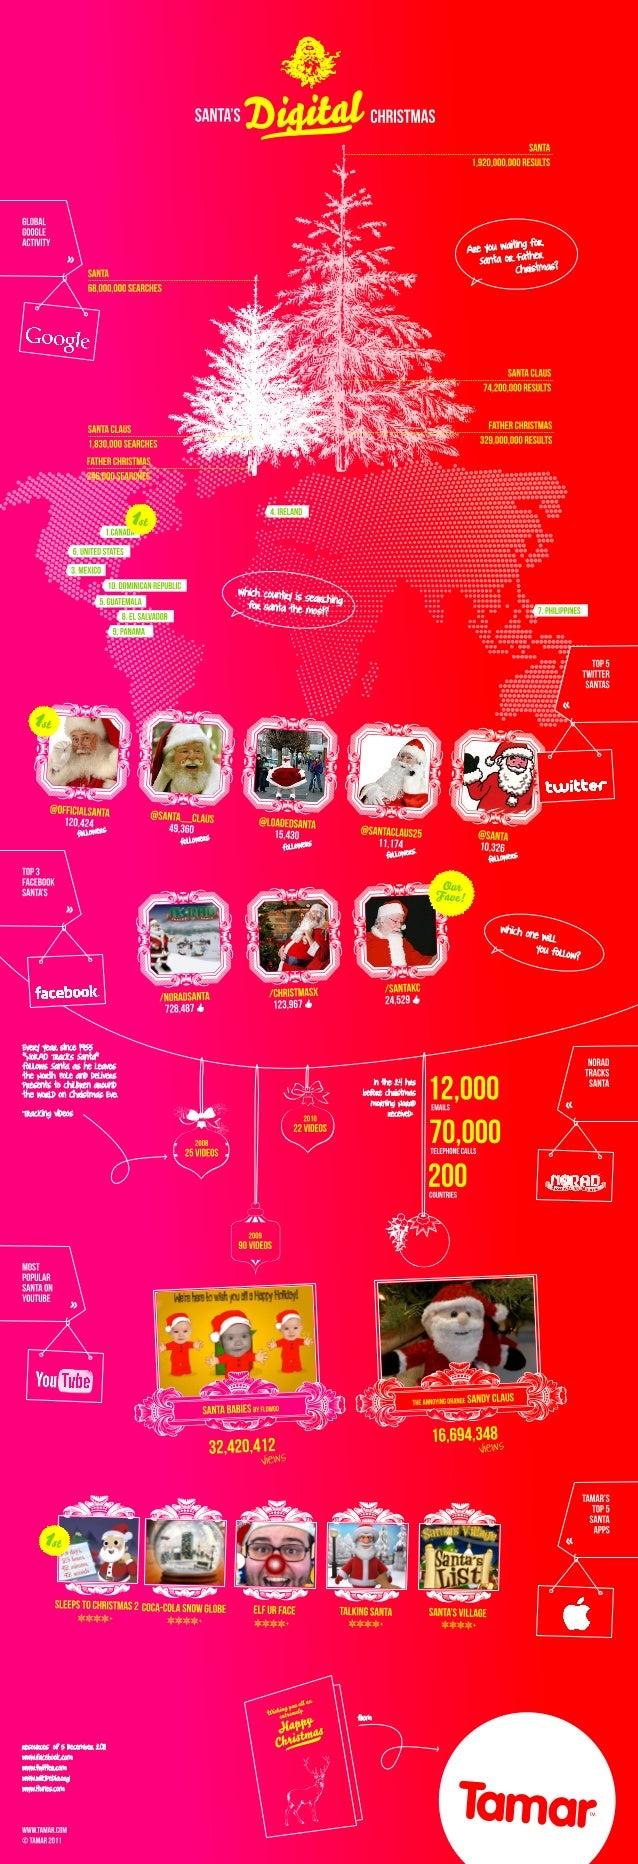 Tamar Digital Santa